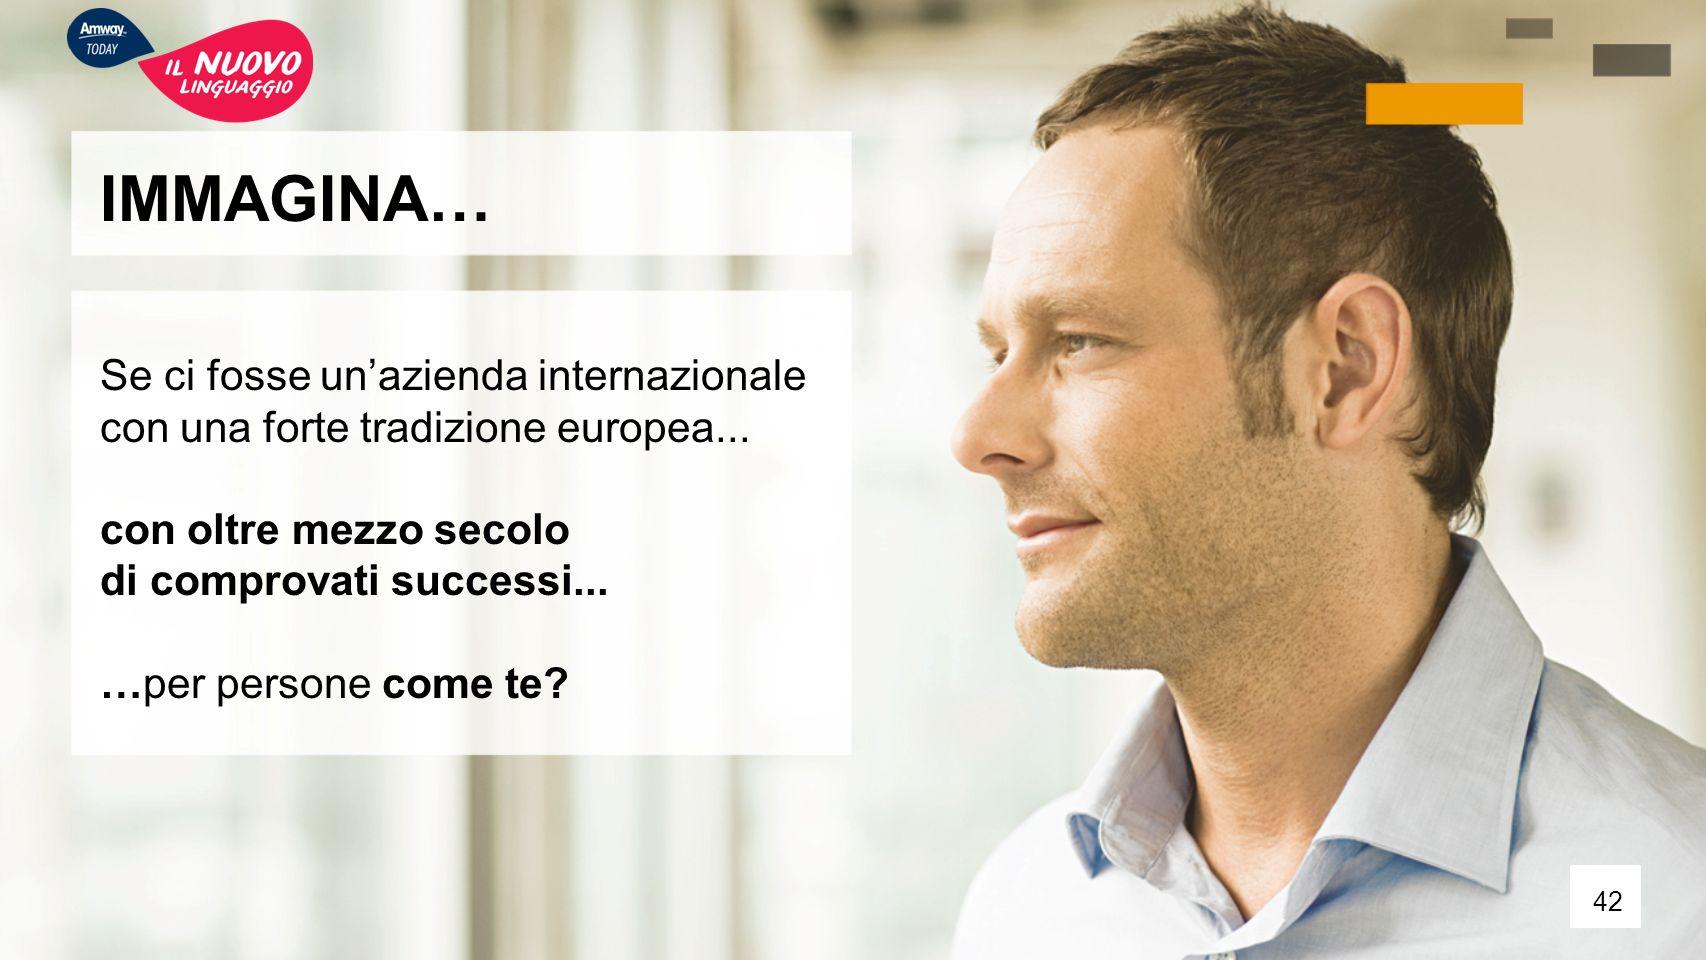 IMMAGINA… Se ci fosse un'azienda internazionale con una forte tradizione europea... con oltre mezzo secolo di comprovati successi... …per persone come